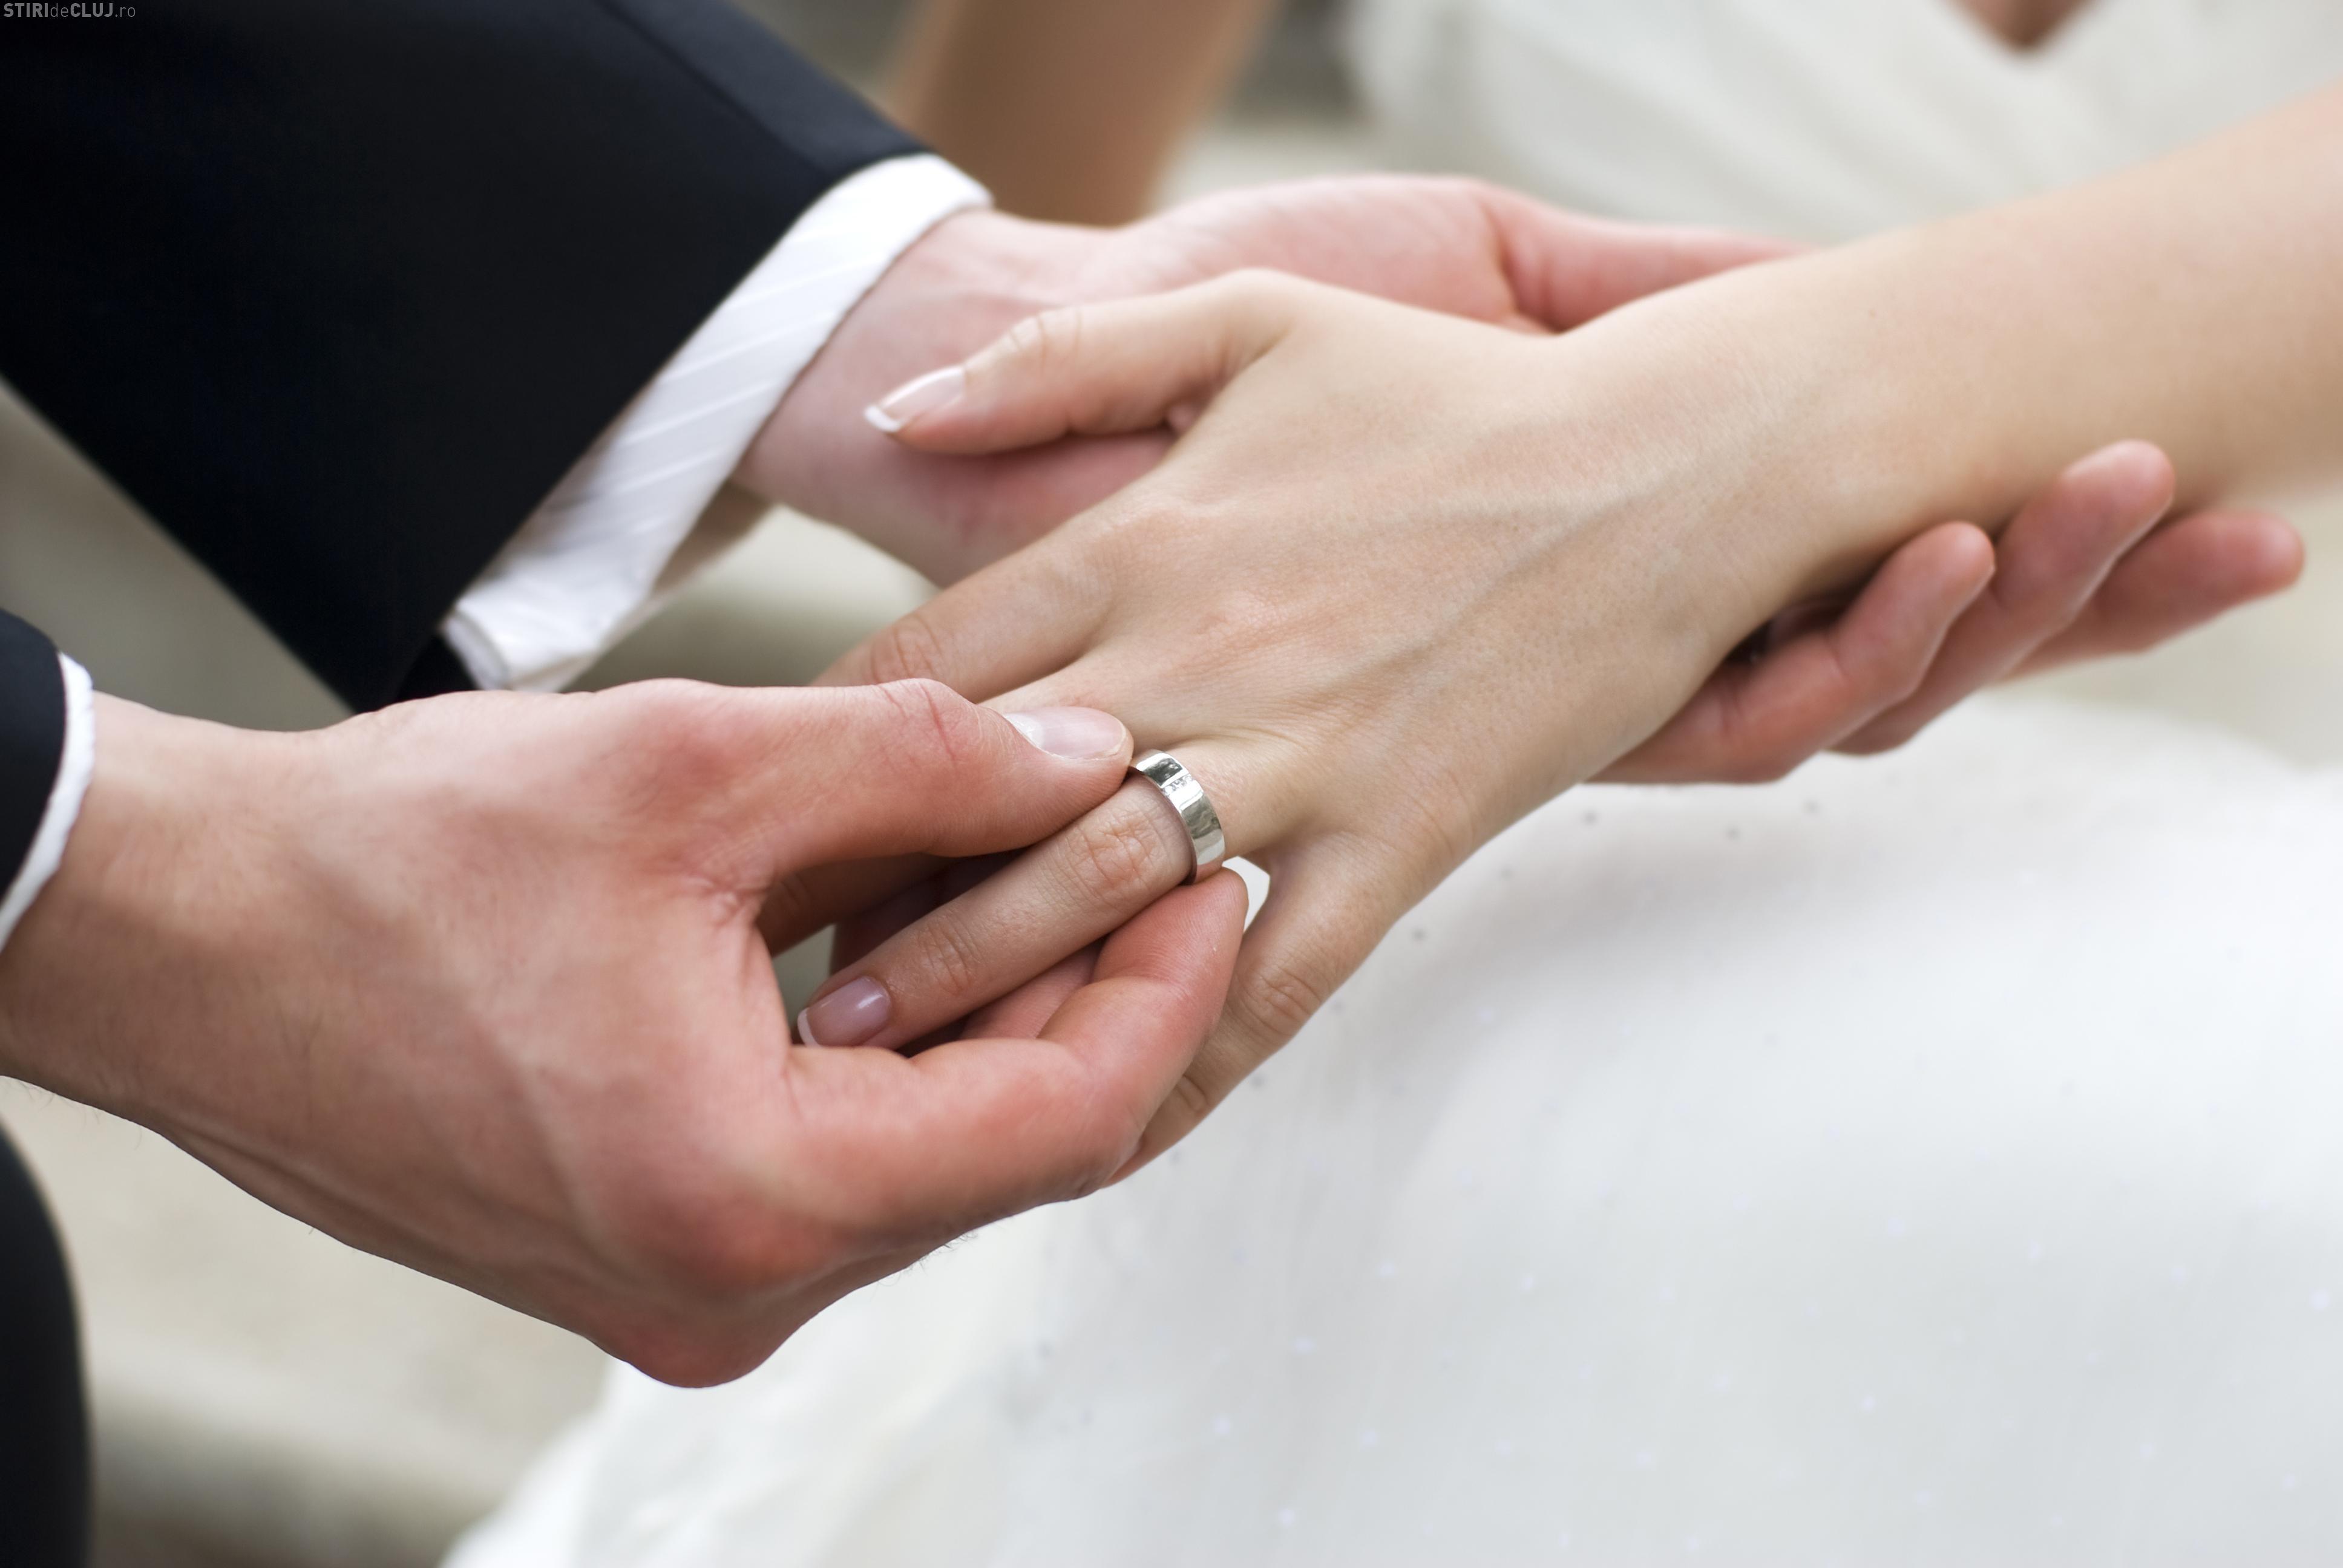 Proiect de lege: 15.000 de lei primă de căsătorie şi pentru naşterea celui de-al treilea copil